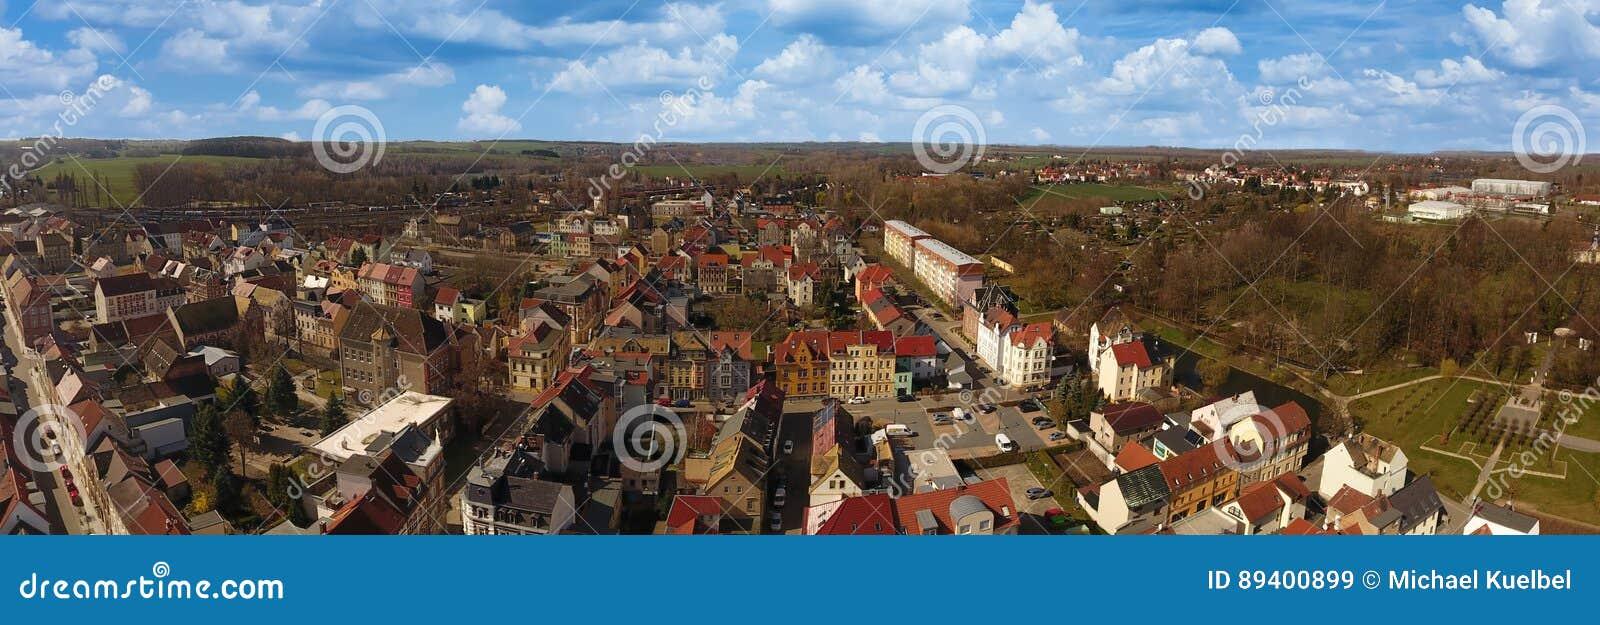 Opinião aérea da cidade velha do mercado de Meueslwitz